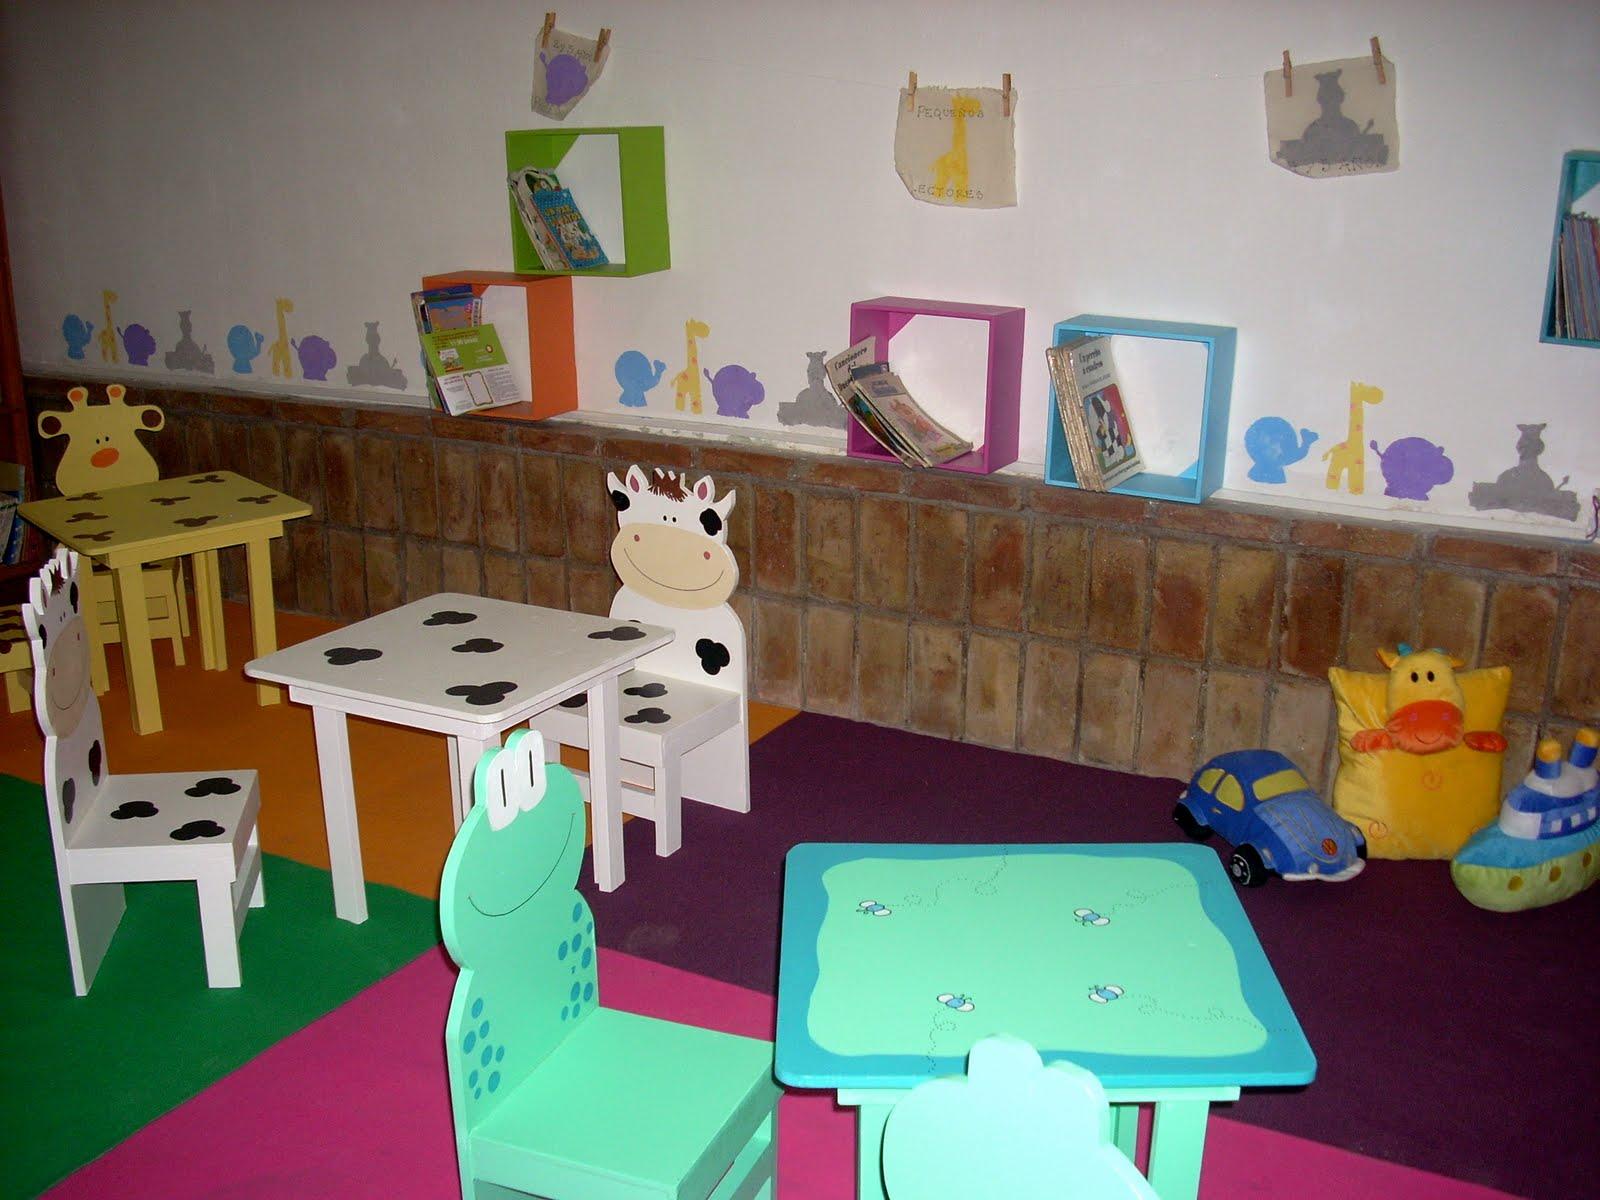 Imagenes de decoraci n para jardin de infantes imagui for Decoracion jardin maternal